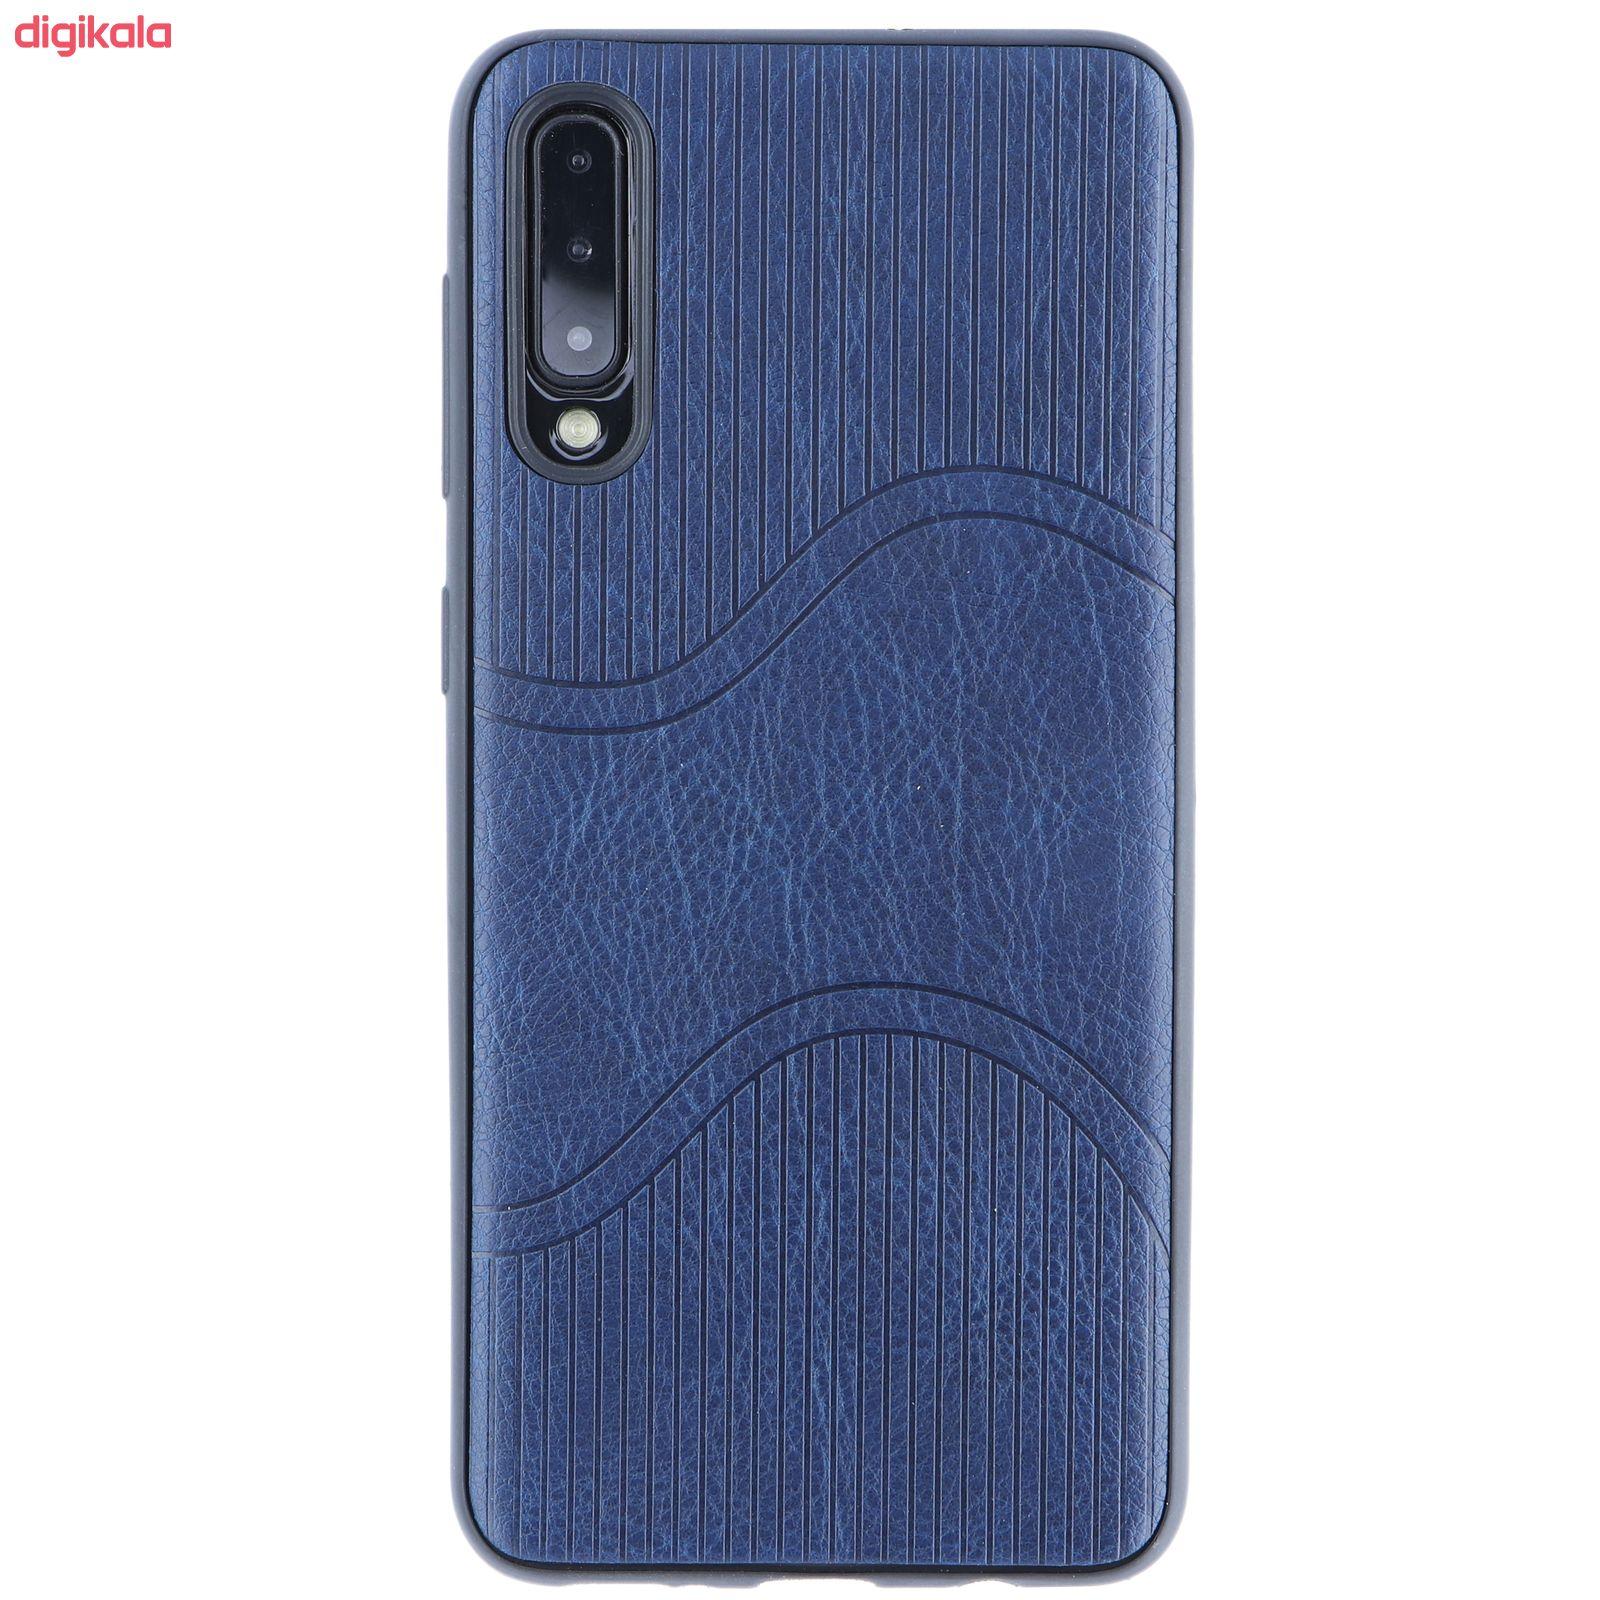 کاور مدل A3 مناسب برای گوشی موبایل سامسونگ Galaxy A50/A30S/A50S main 1 1